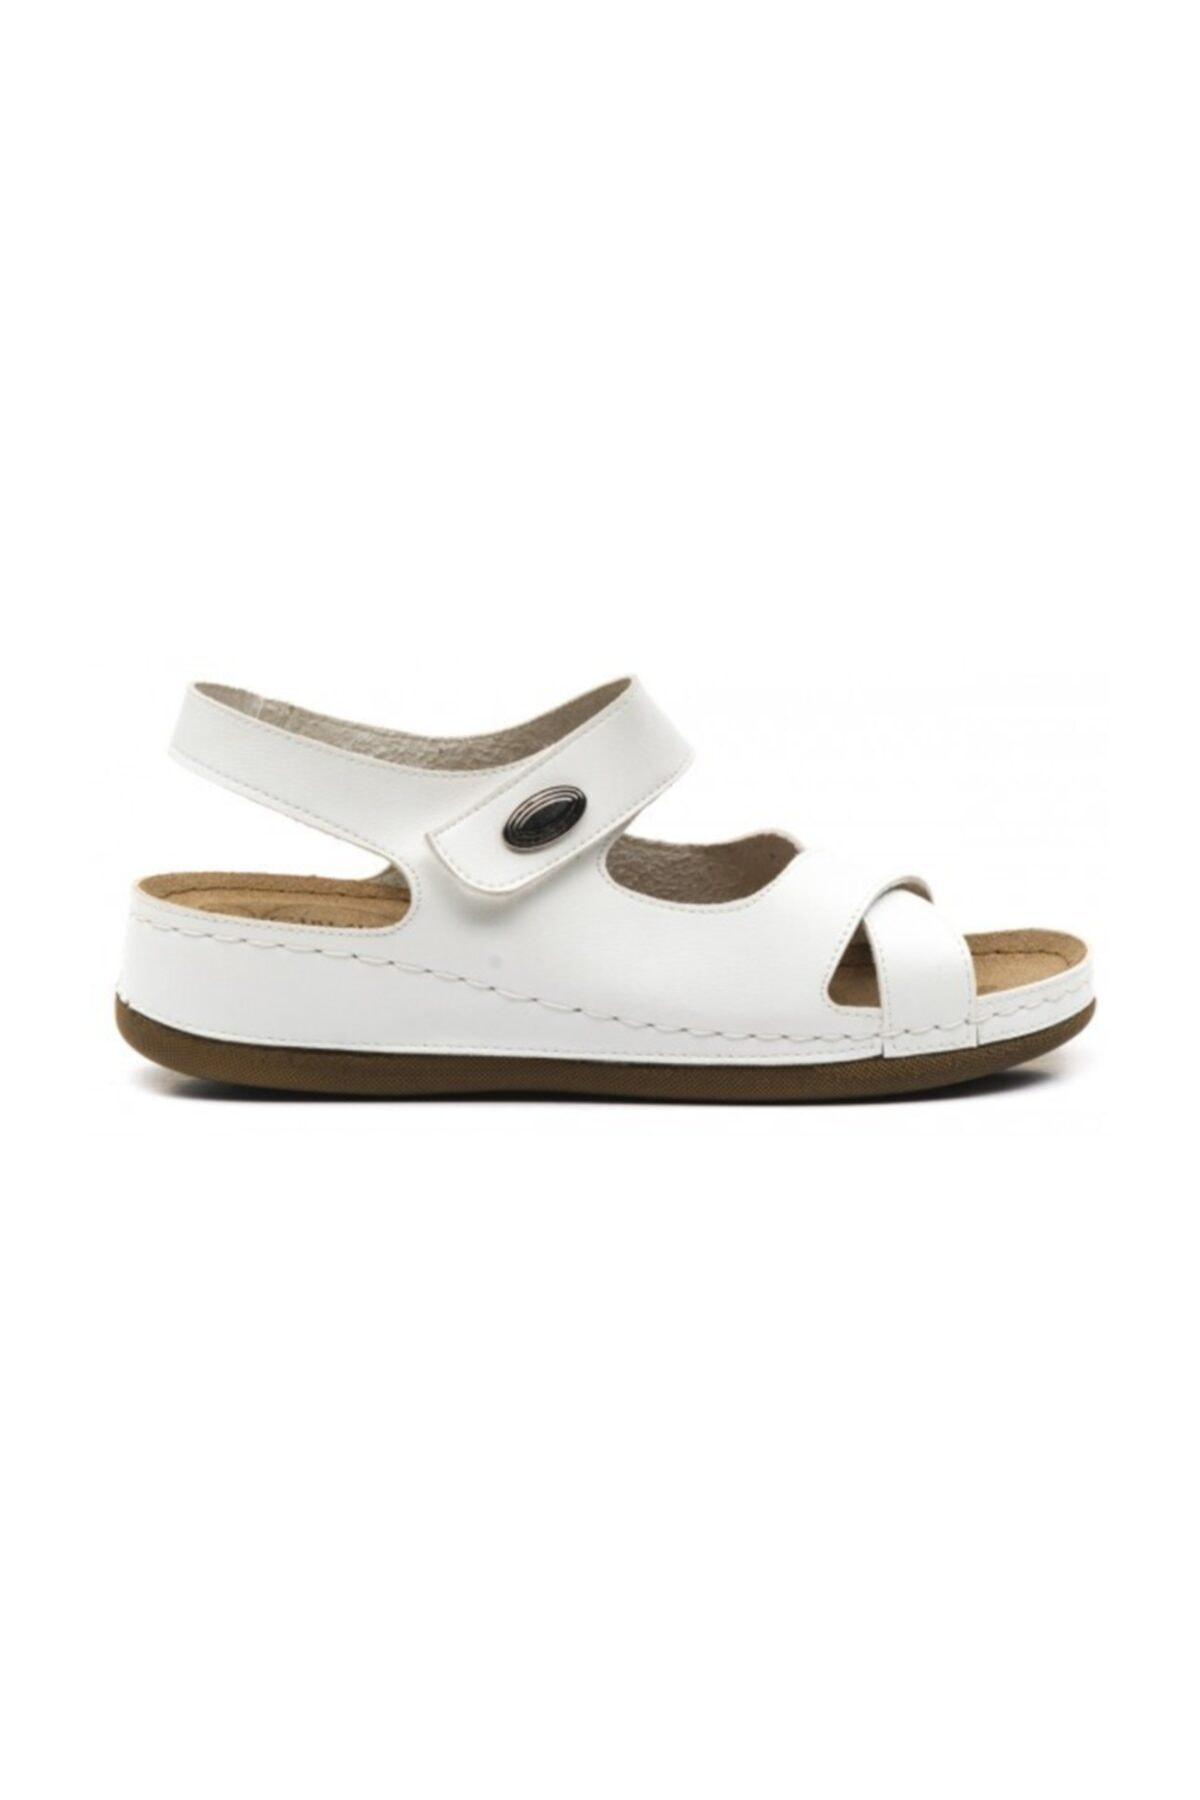 CARLA VERDE Carlaverde Kadın Sandalet 5955